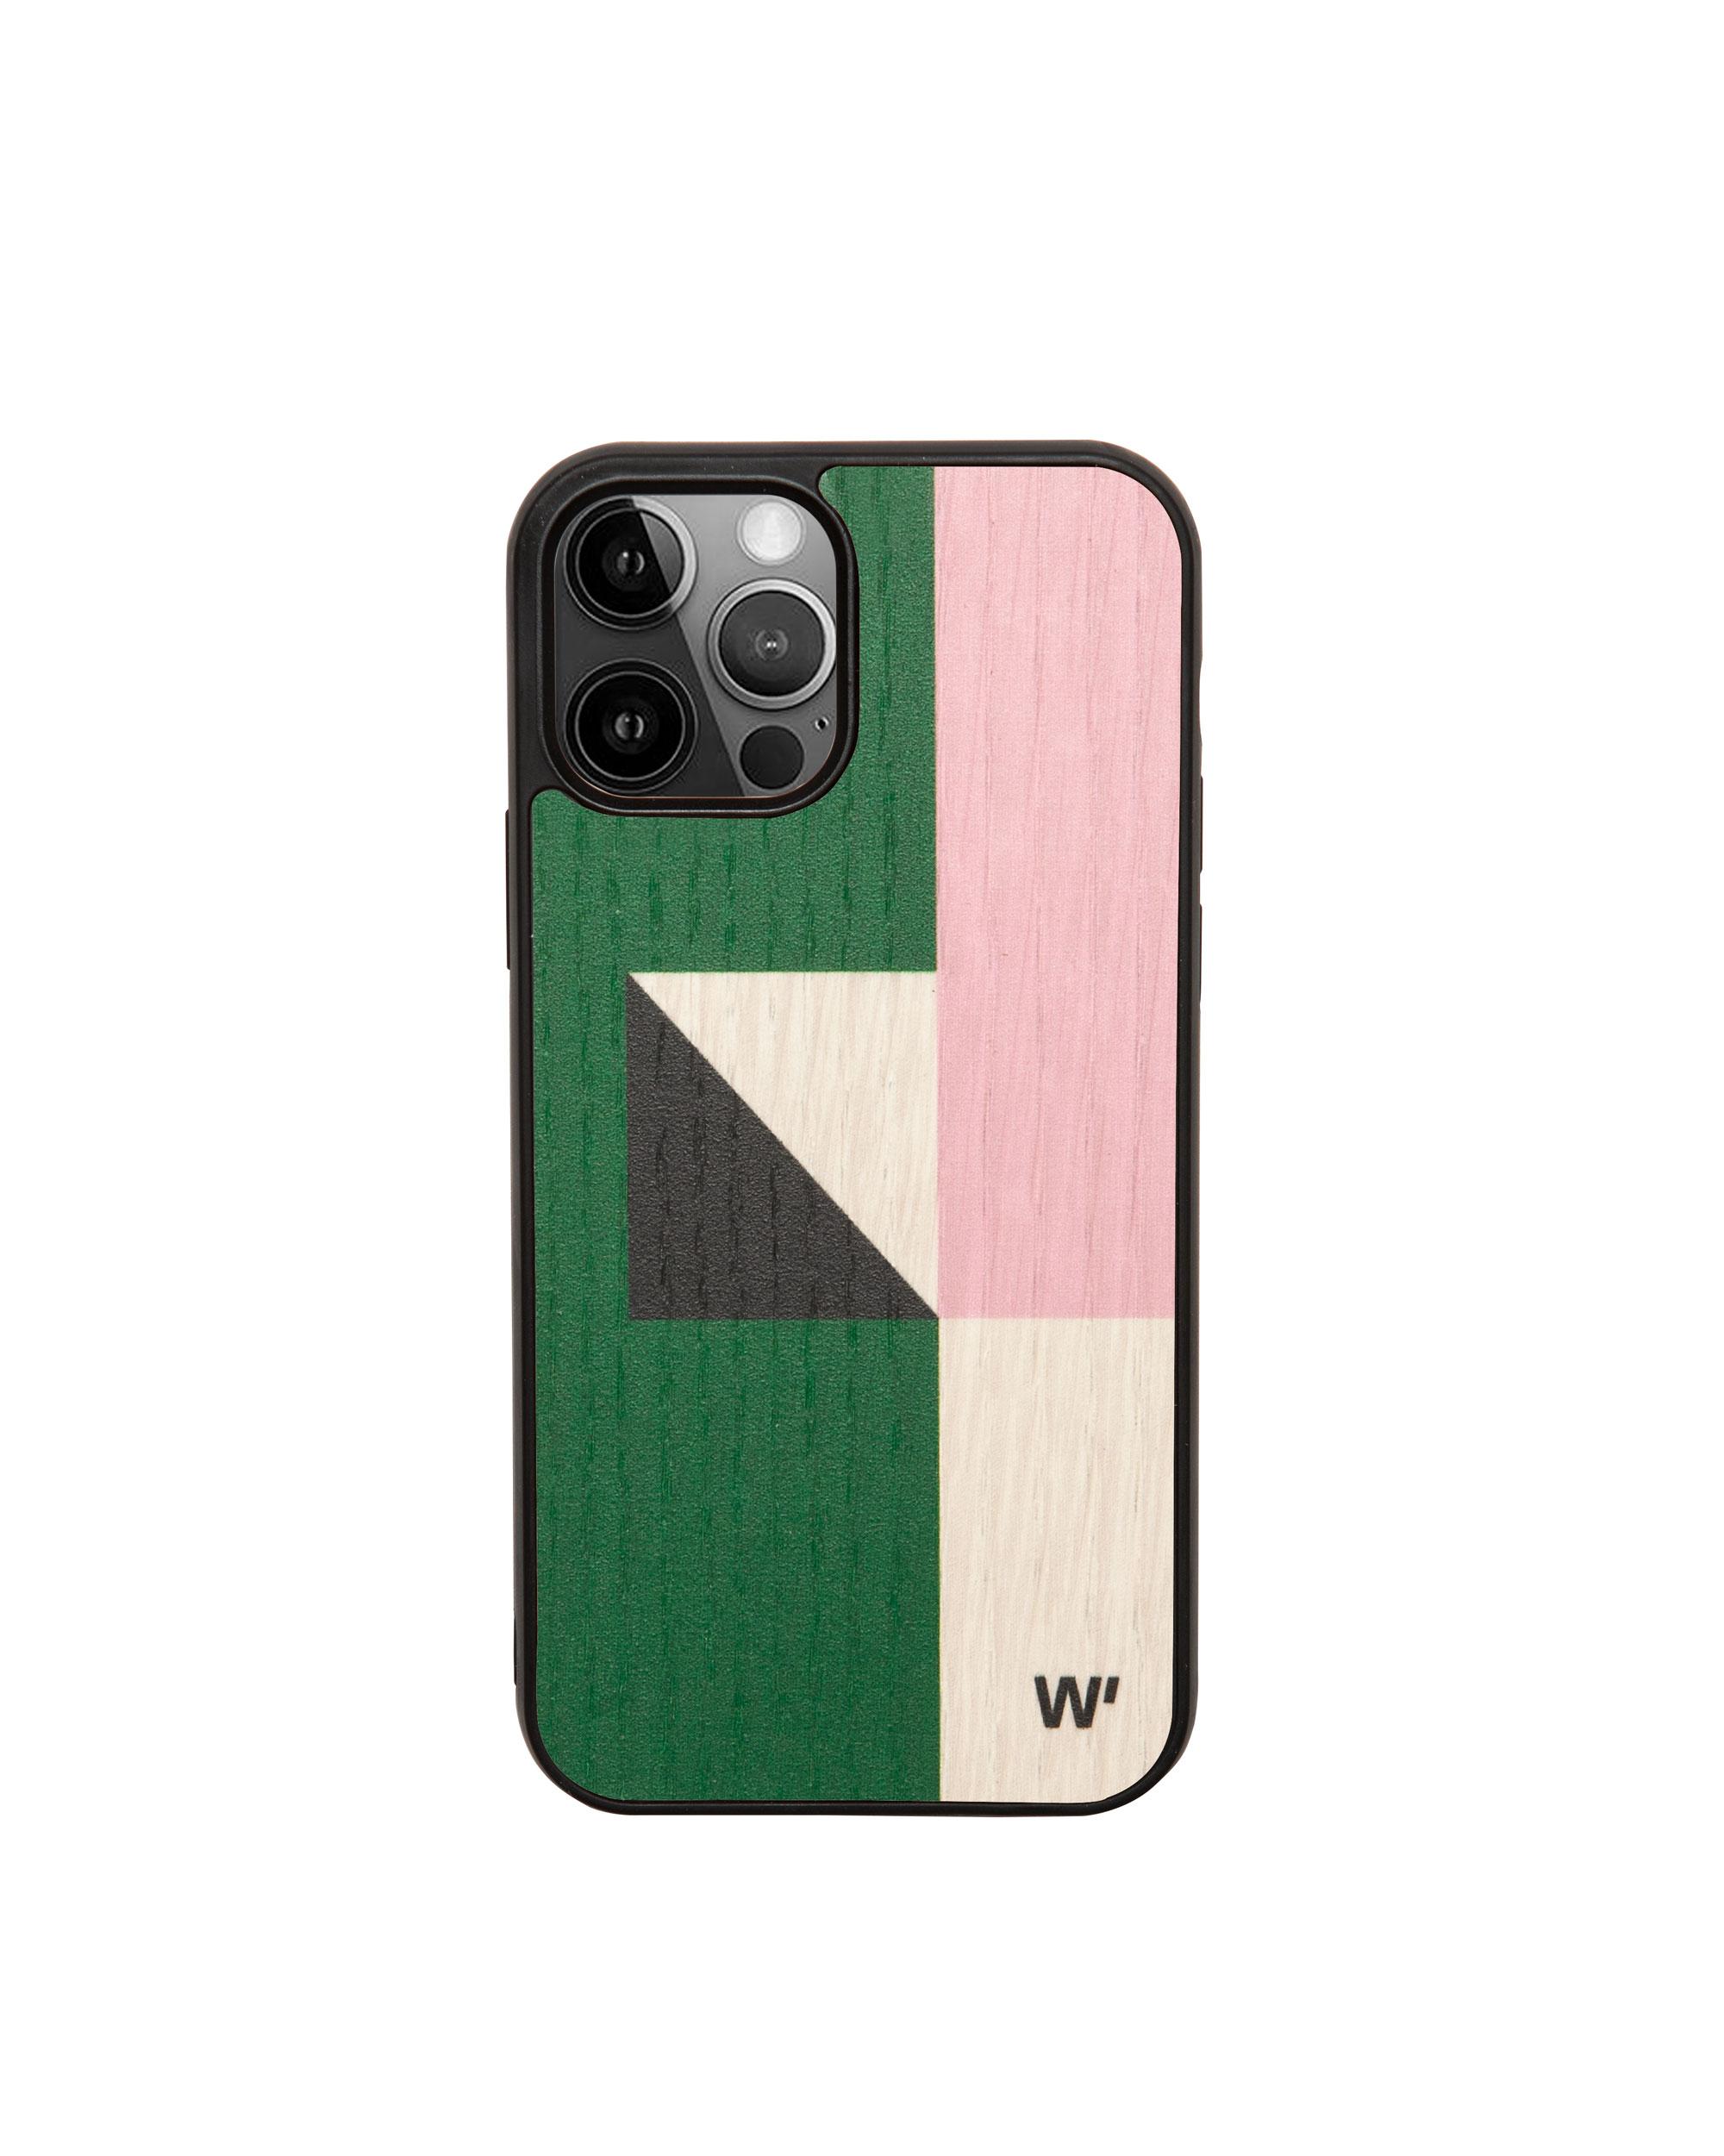 COLOR BLOCK - Coque en bois pour iPhone 12 mini